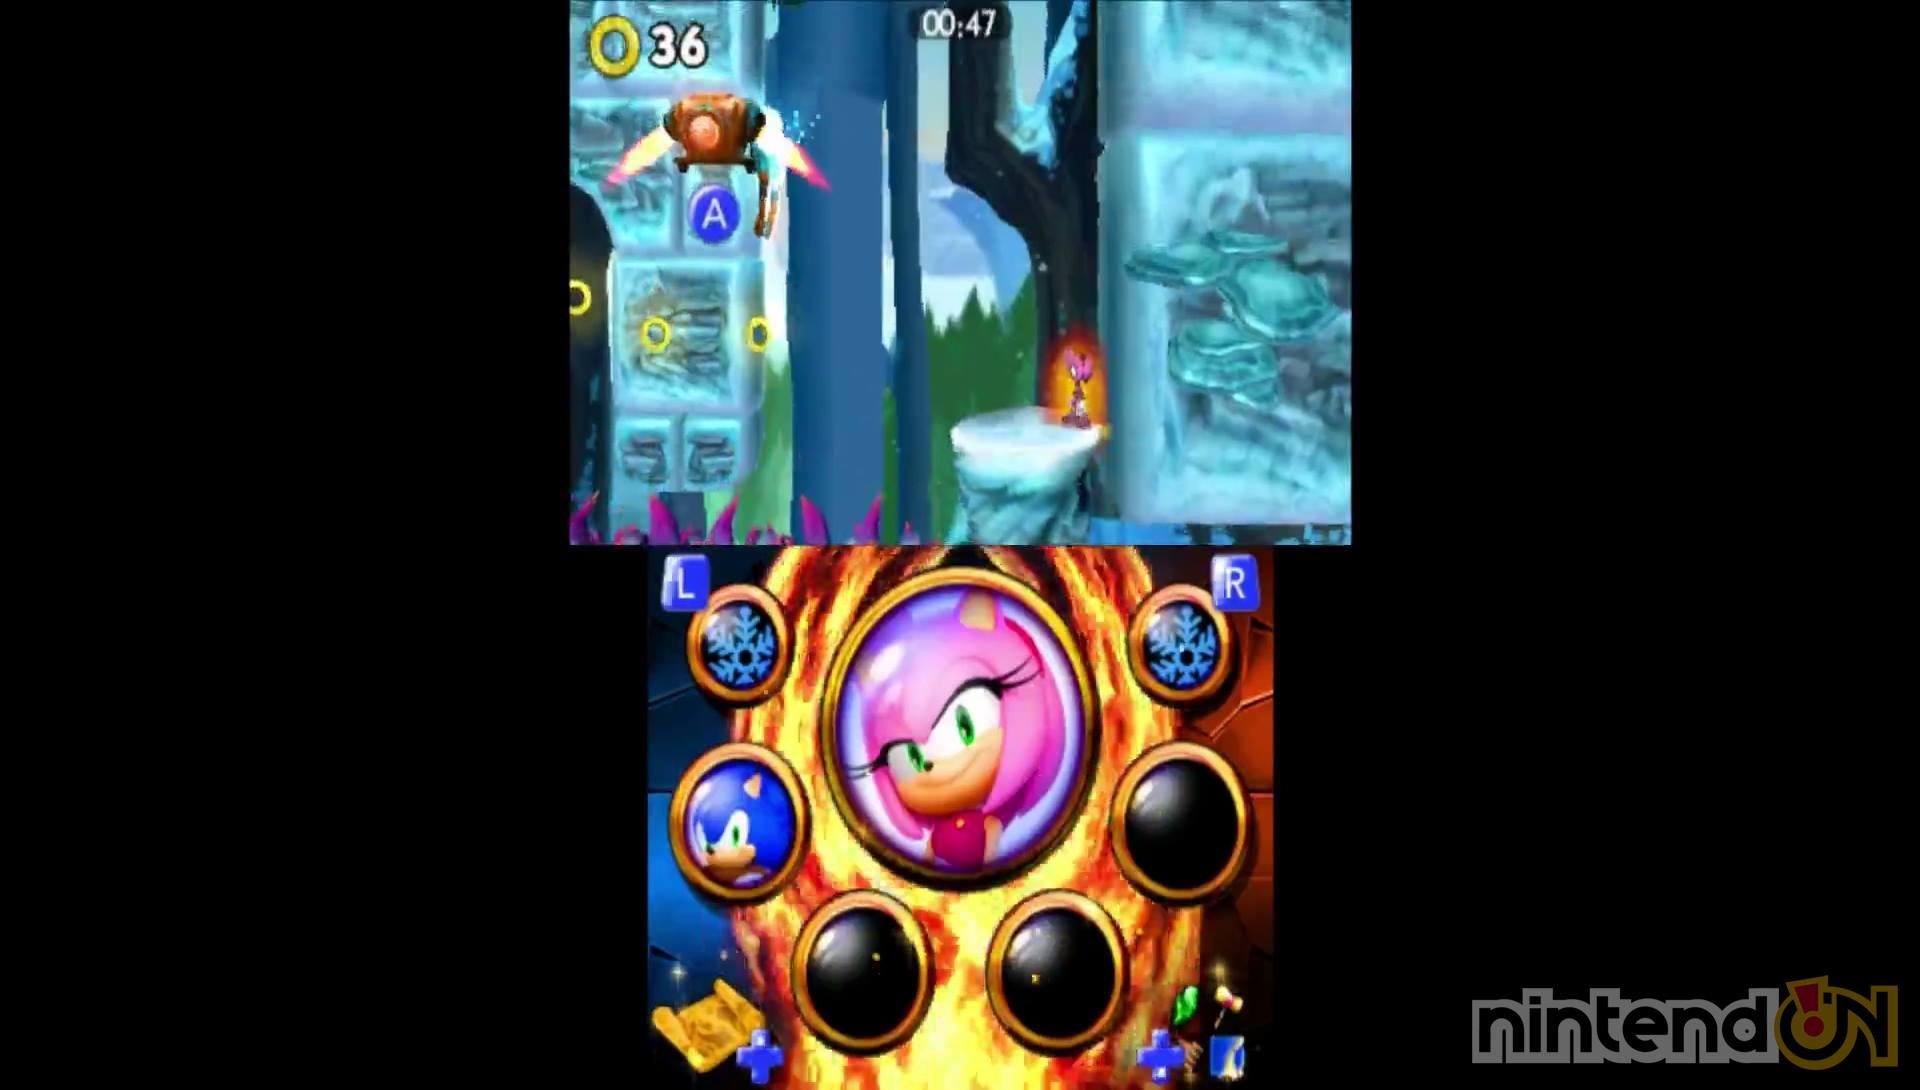 sonic-boom-fuoco-ghiaccio-screen02-anteprima-nintendon